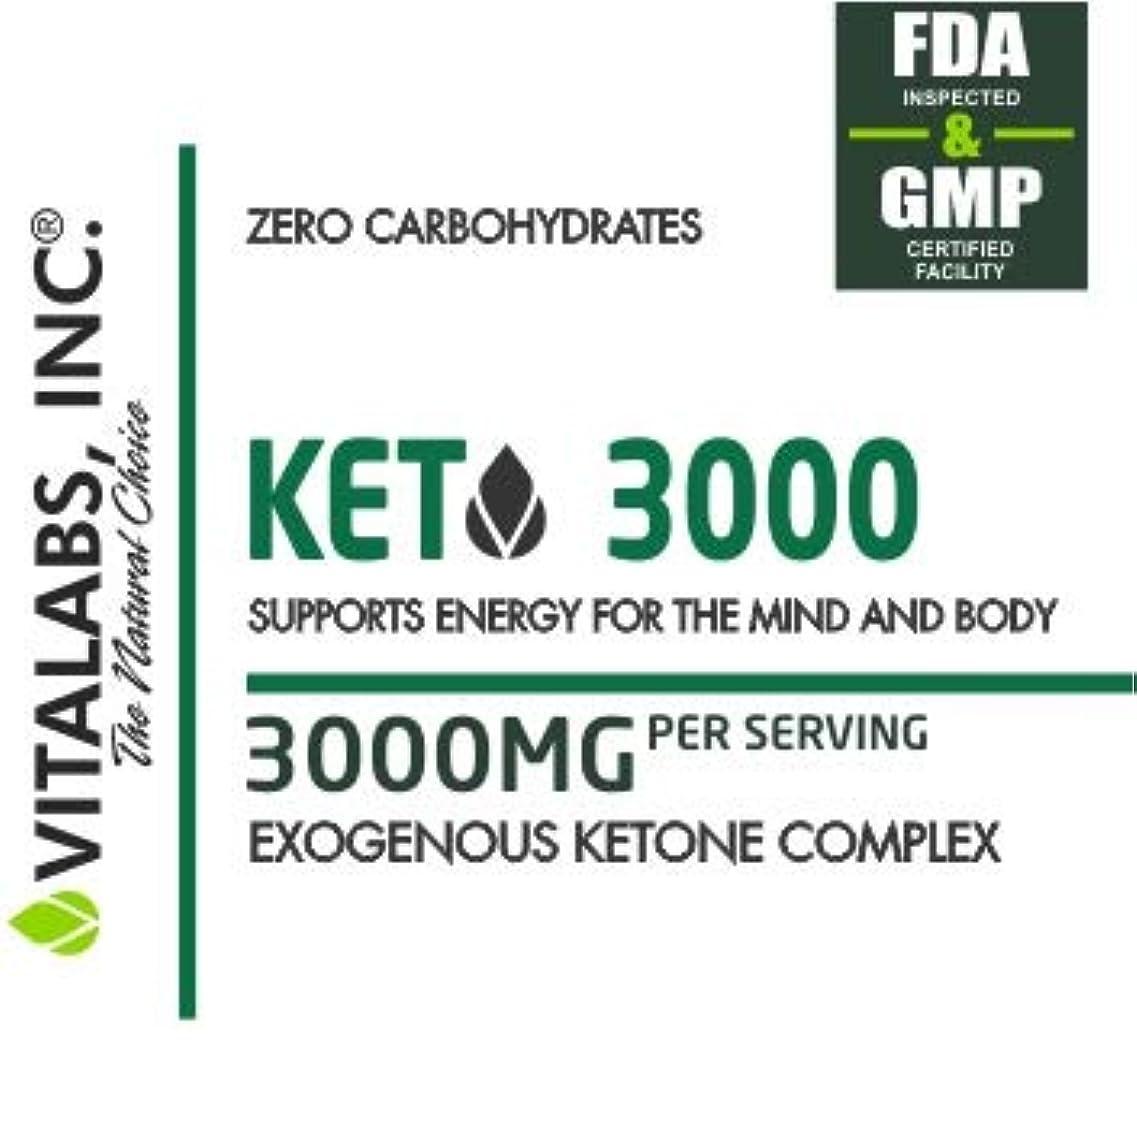 一杯ゴム知っているに立ち寄る低炭水化物状態を作る/ケトジェニックダイエットサポートサプリメント KETO 3000/ Vitalabs 【アメリカより直送】 (120カプセル(30回分))